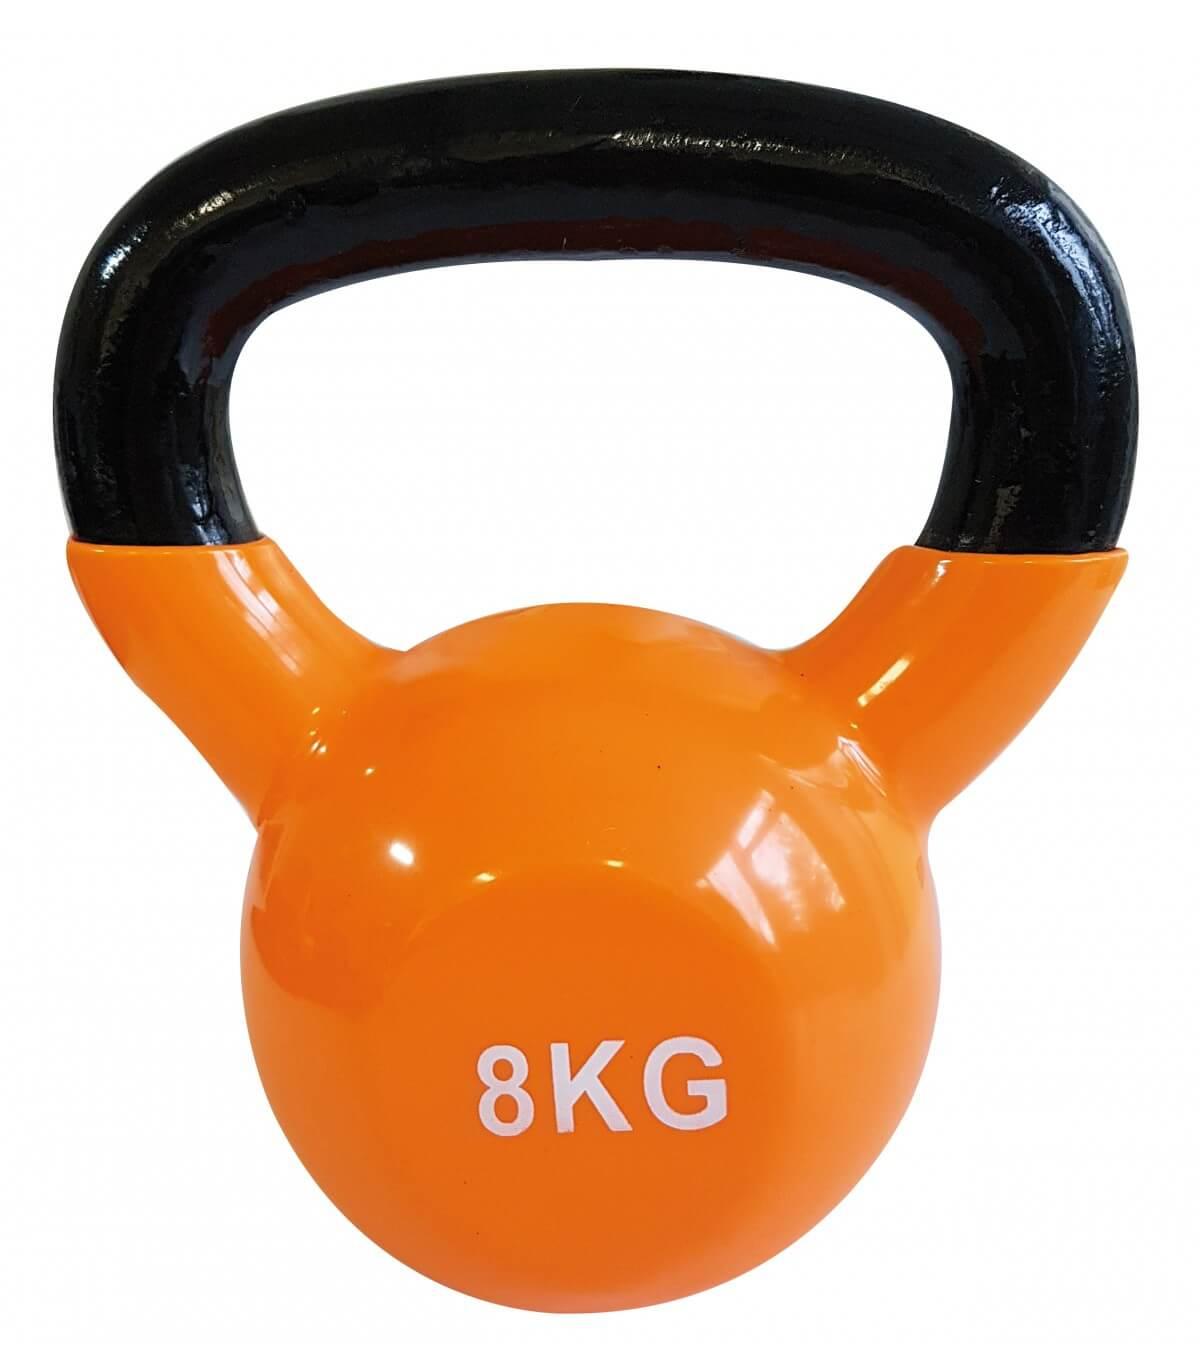 Kettlebell Kettlebell 8 Kg